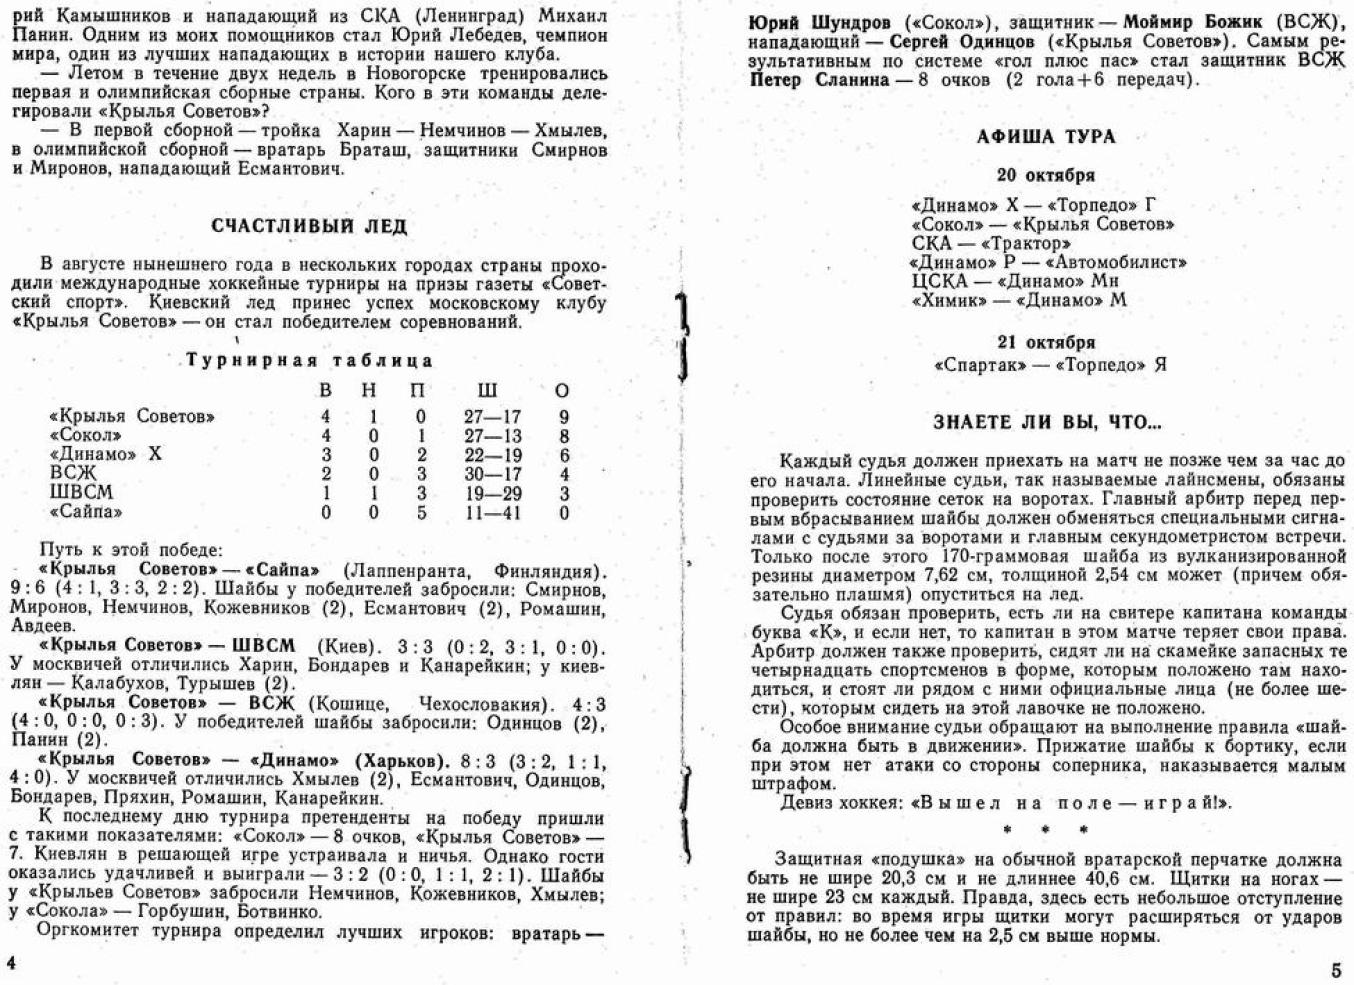 1988.10.20. Сокол, Киев - Крылья Советов (Чм. СССР)_04.png